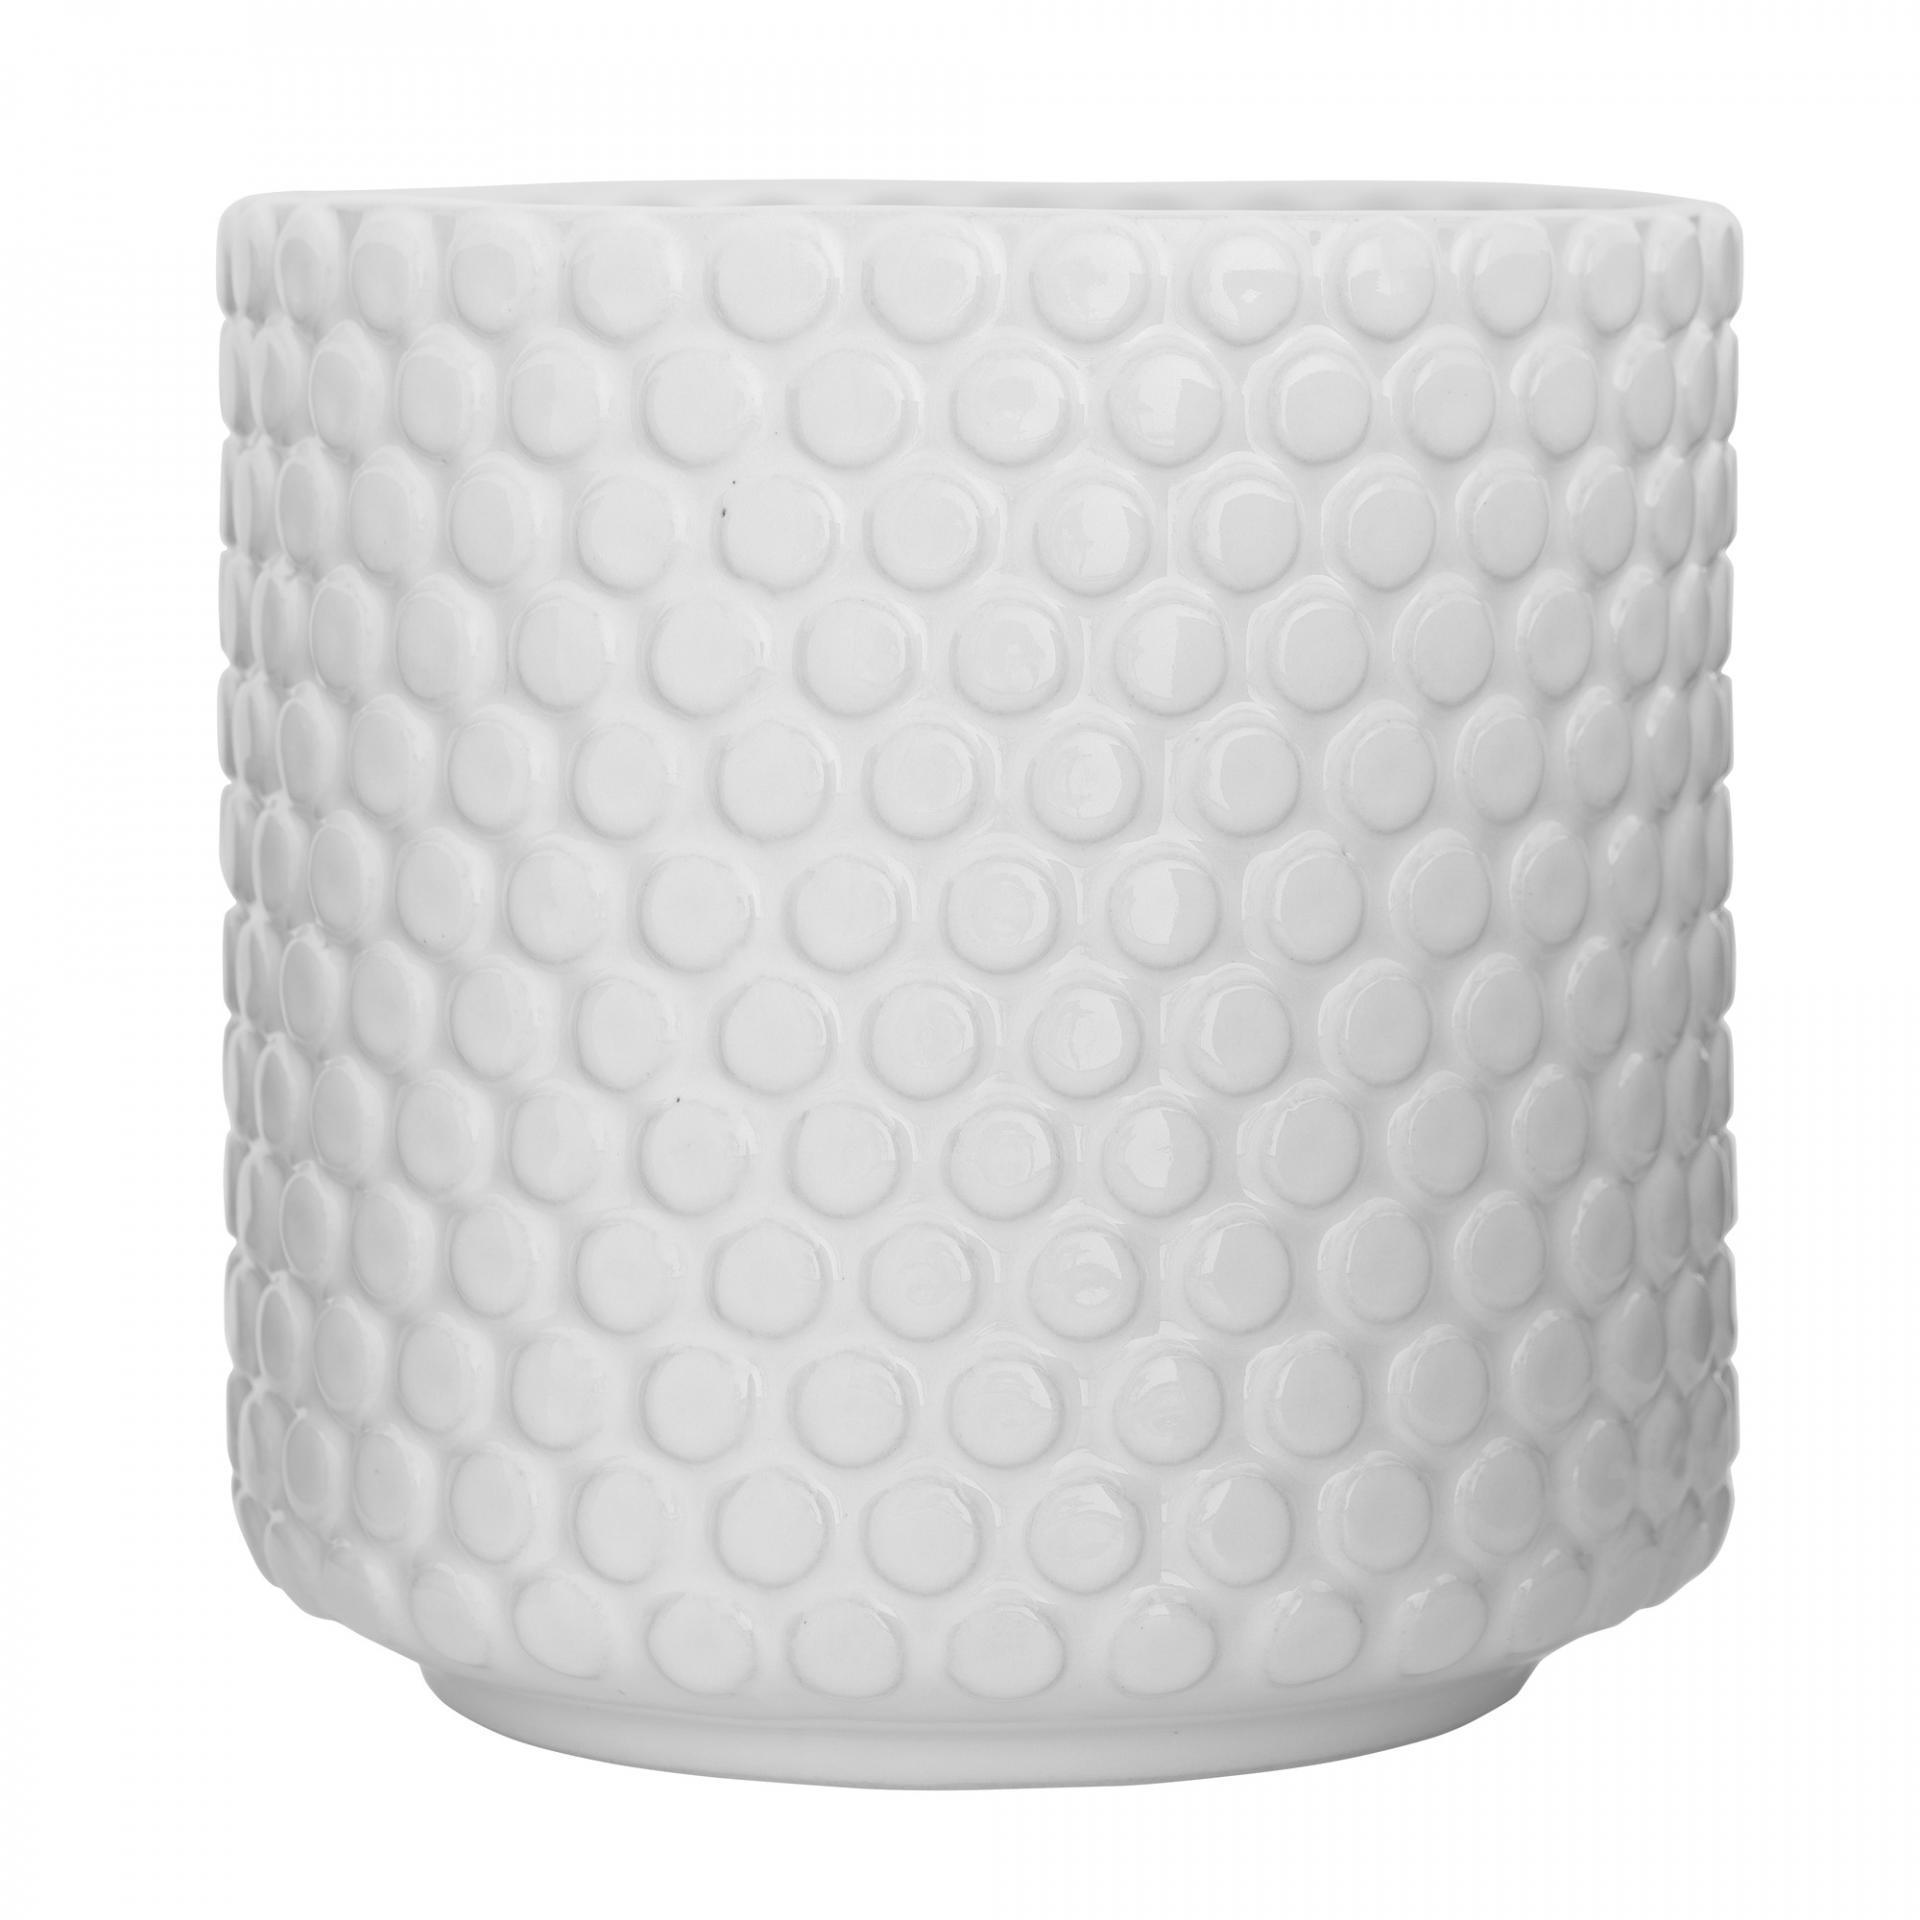 Bloomingville Keramický květník Bubble White, bílá barva, keramika